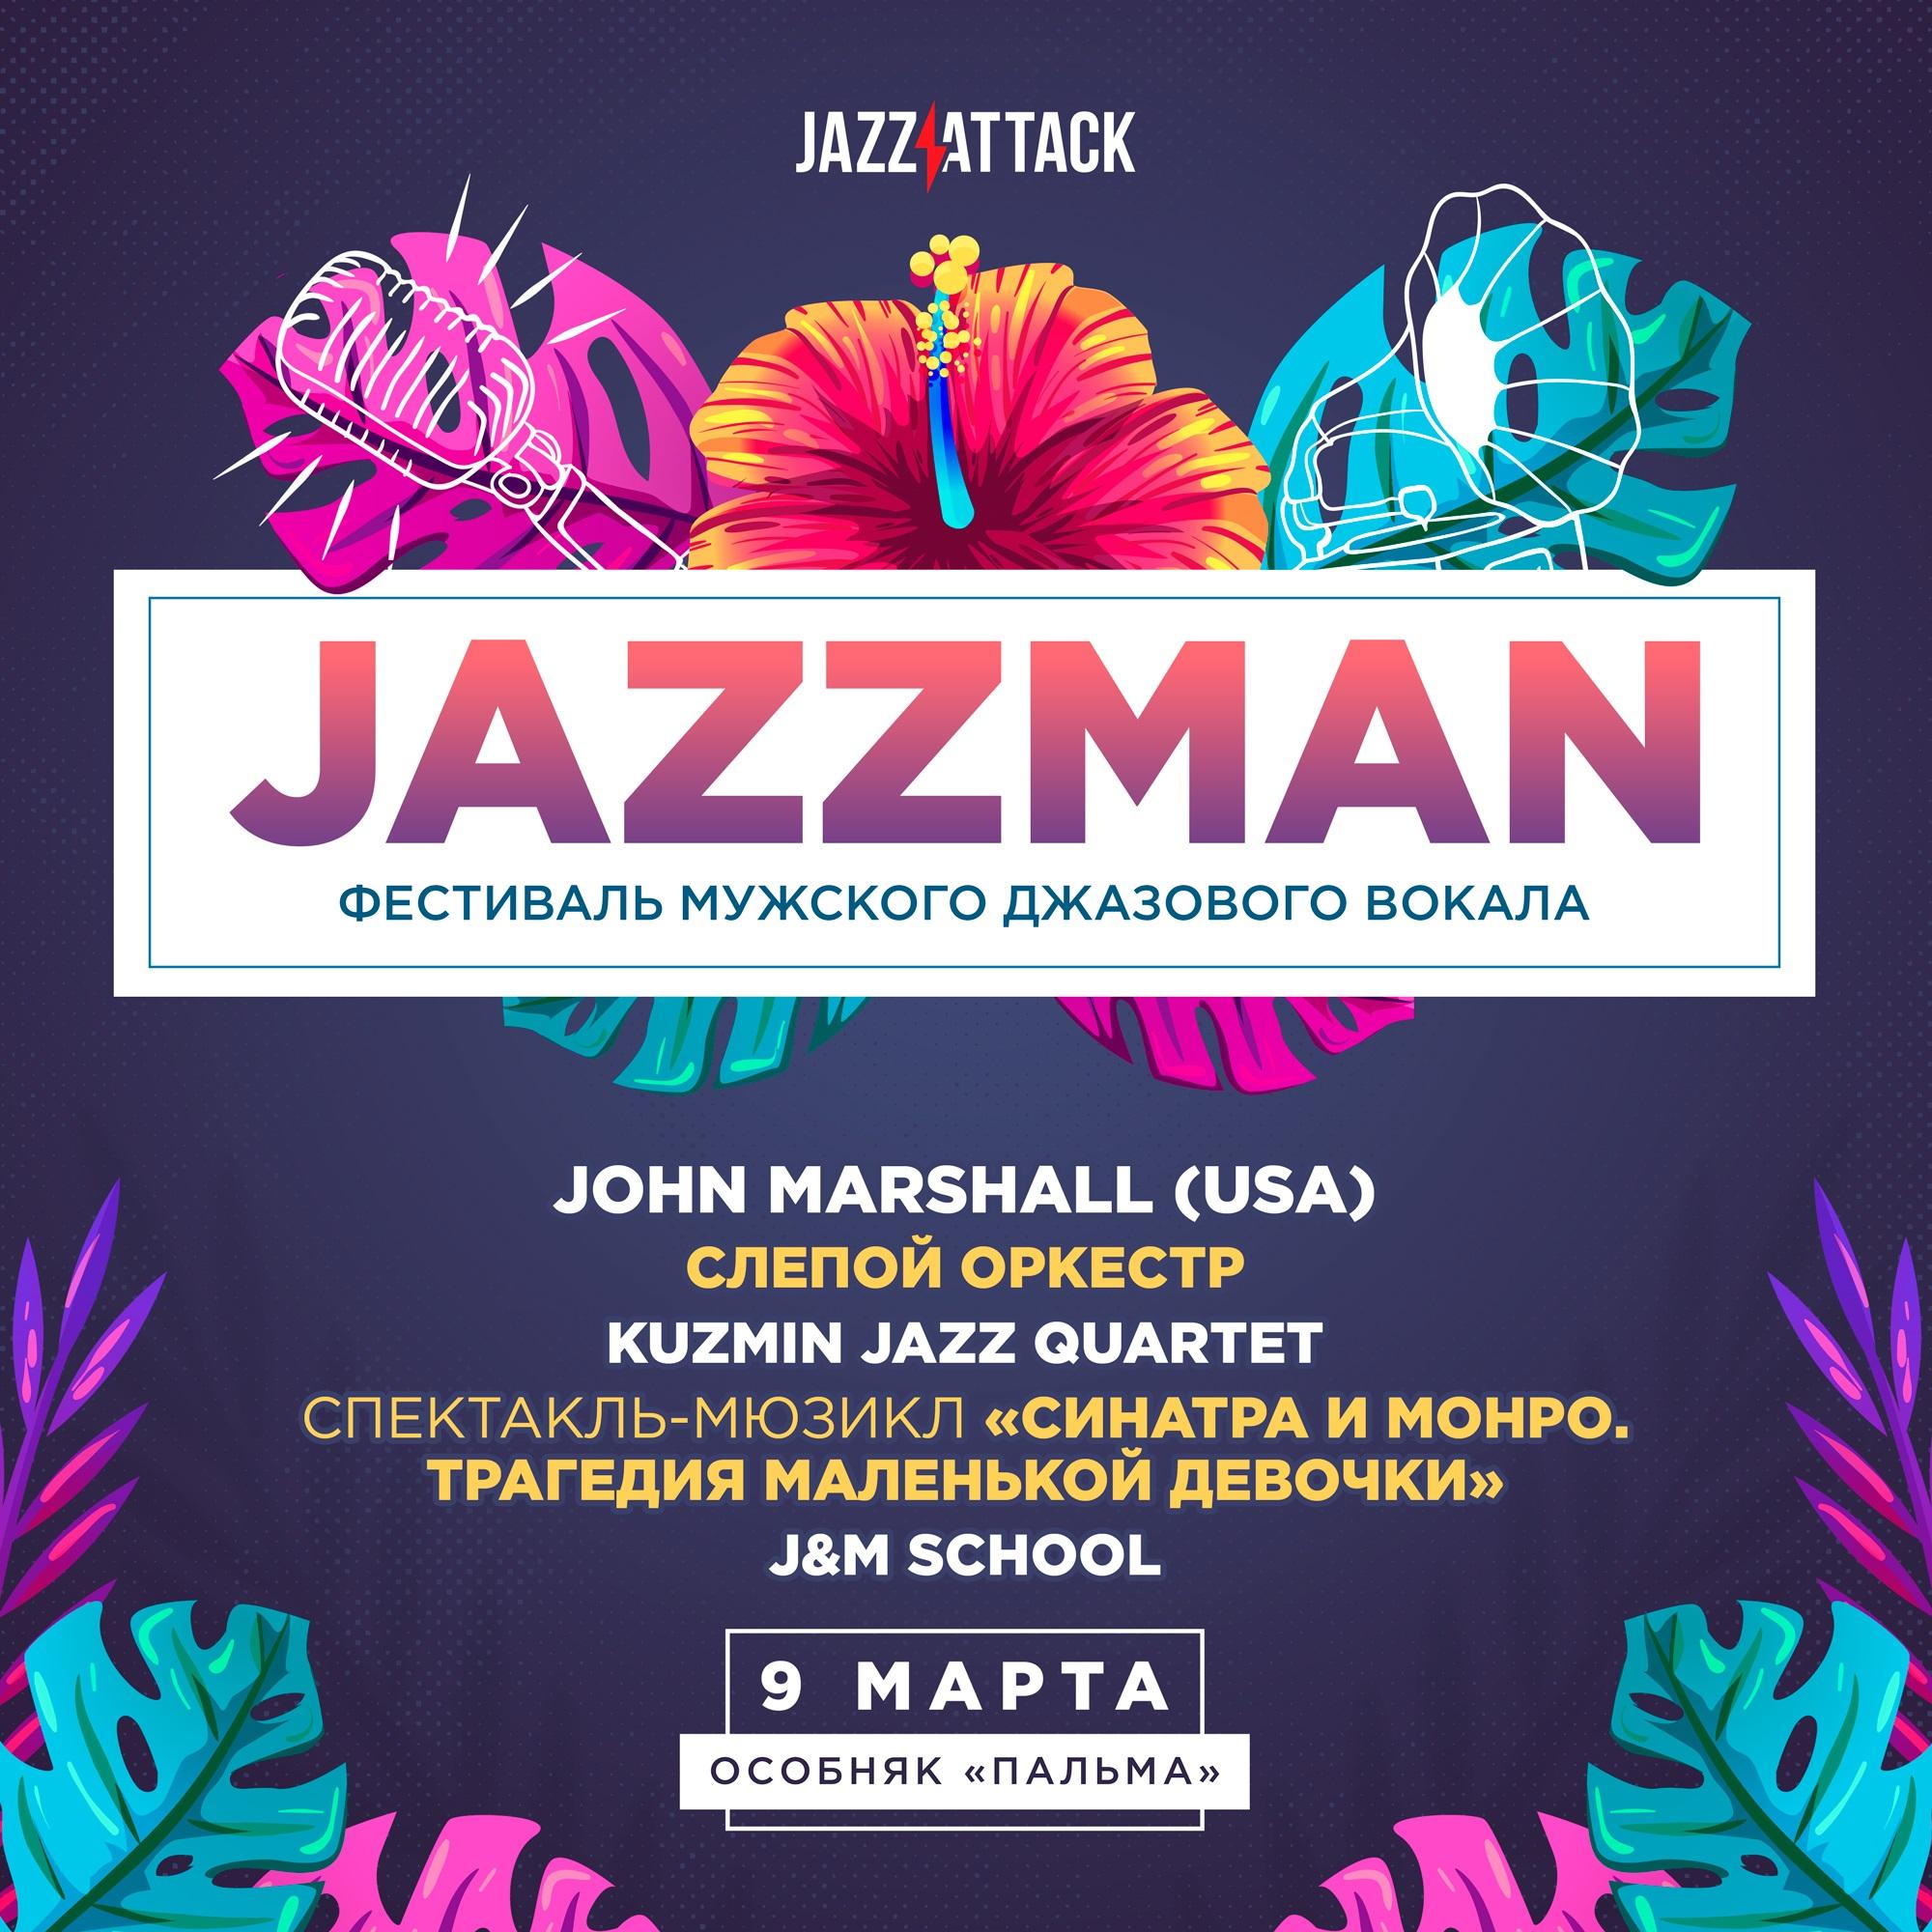 Джазмен фестиваль